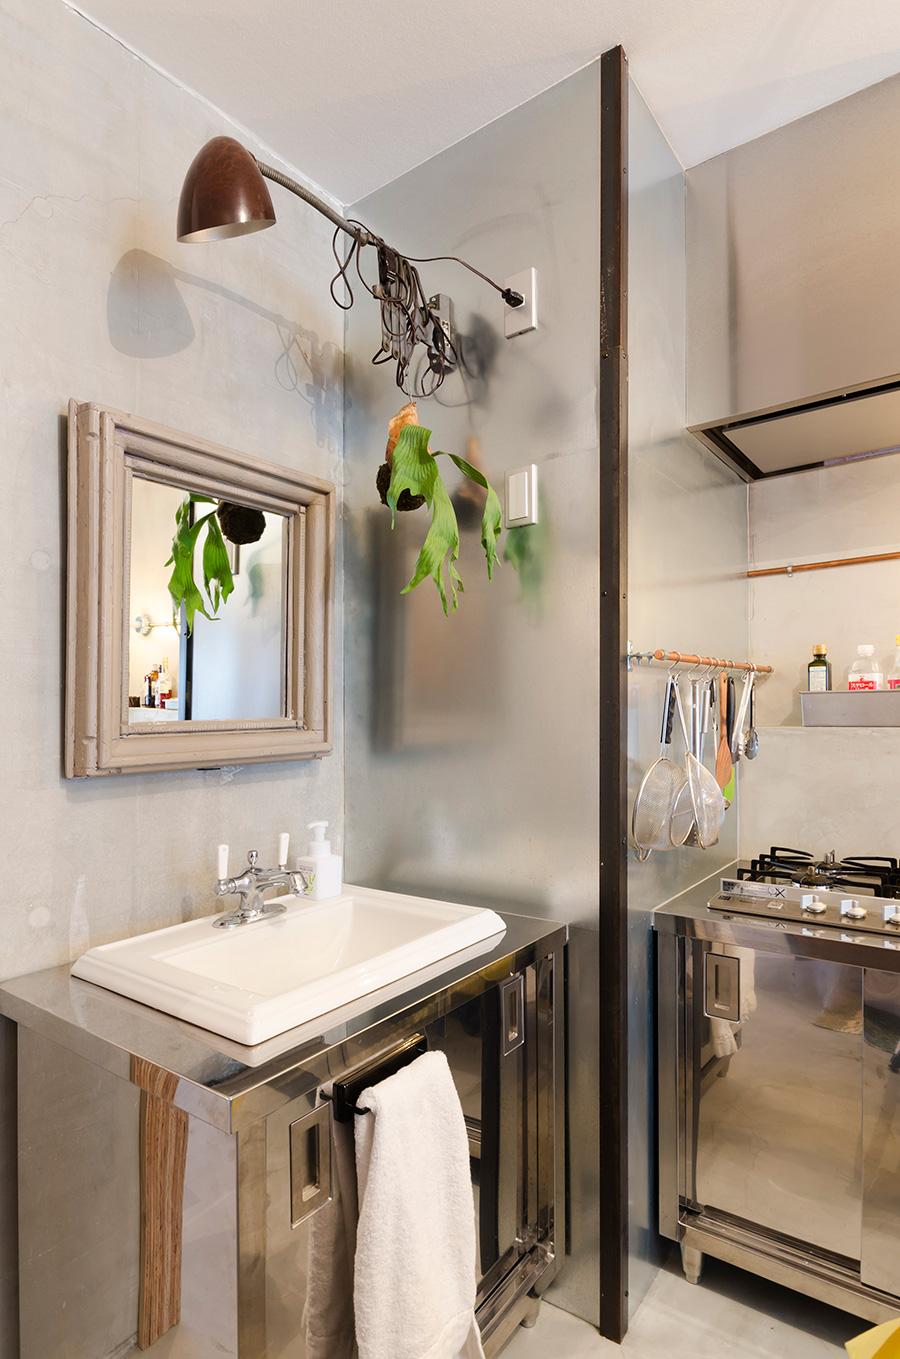 鉄板を貼った柱が、家のシンボリックな存在に。水洗台は厨房用の棚に穴を開けてもらい、KOHLERのシンクをはめ込んだ。